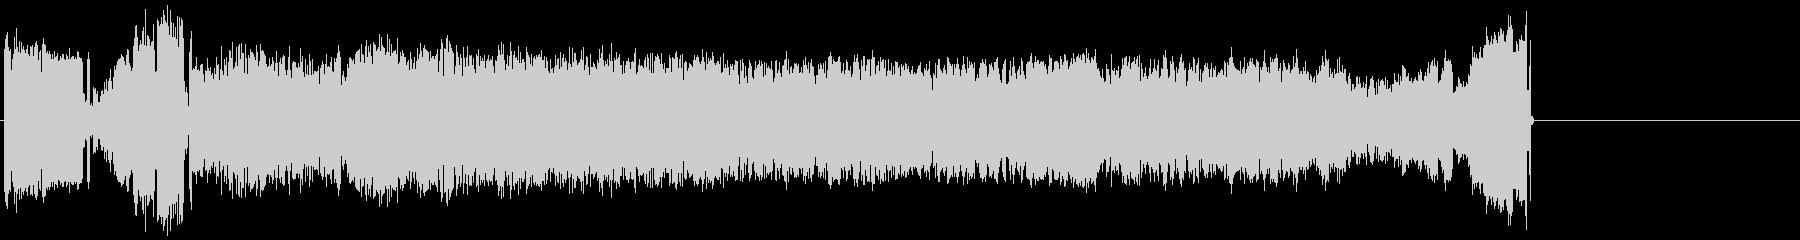 キックスターターの未再生の波形